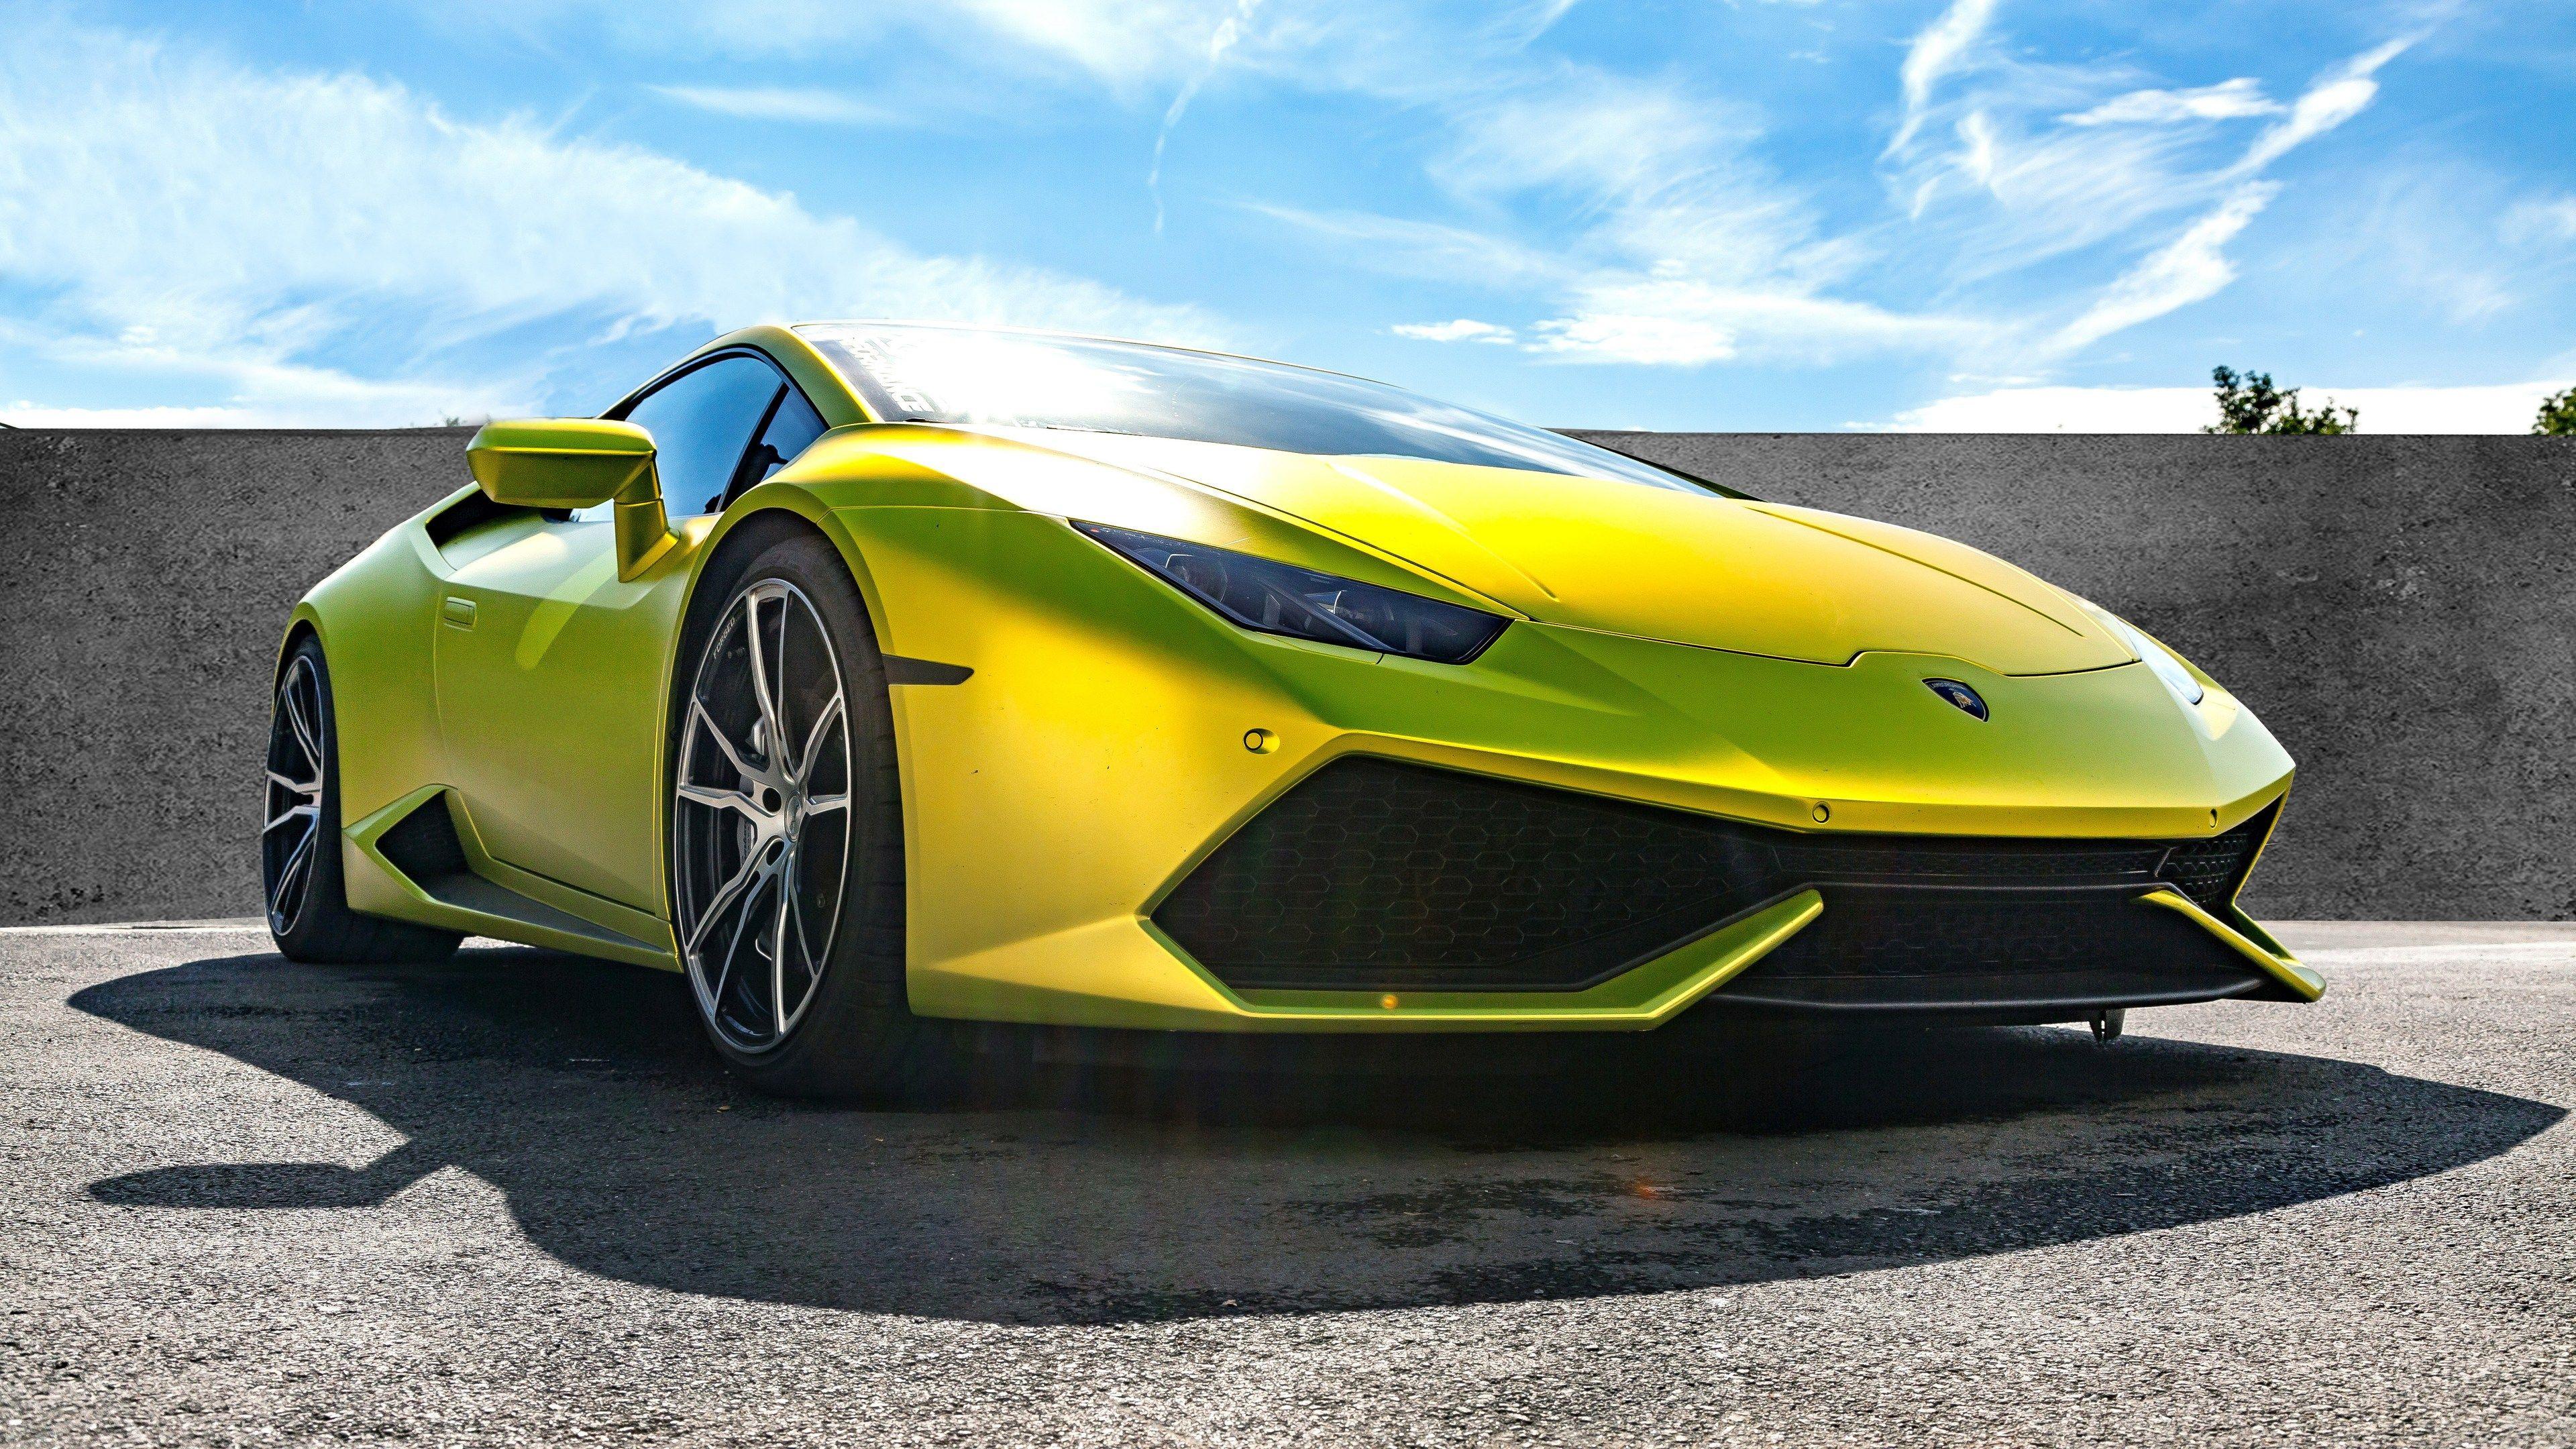 4k Lamborghini Huracan lamborghini wallpapers, lamborghini huracan wallpapers, h…